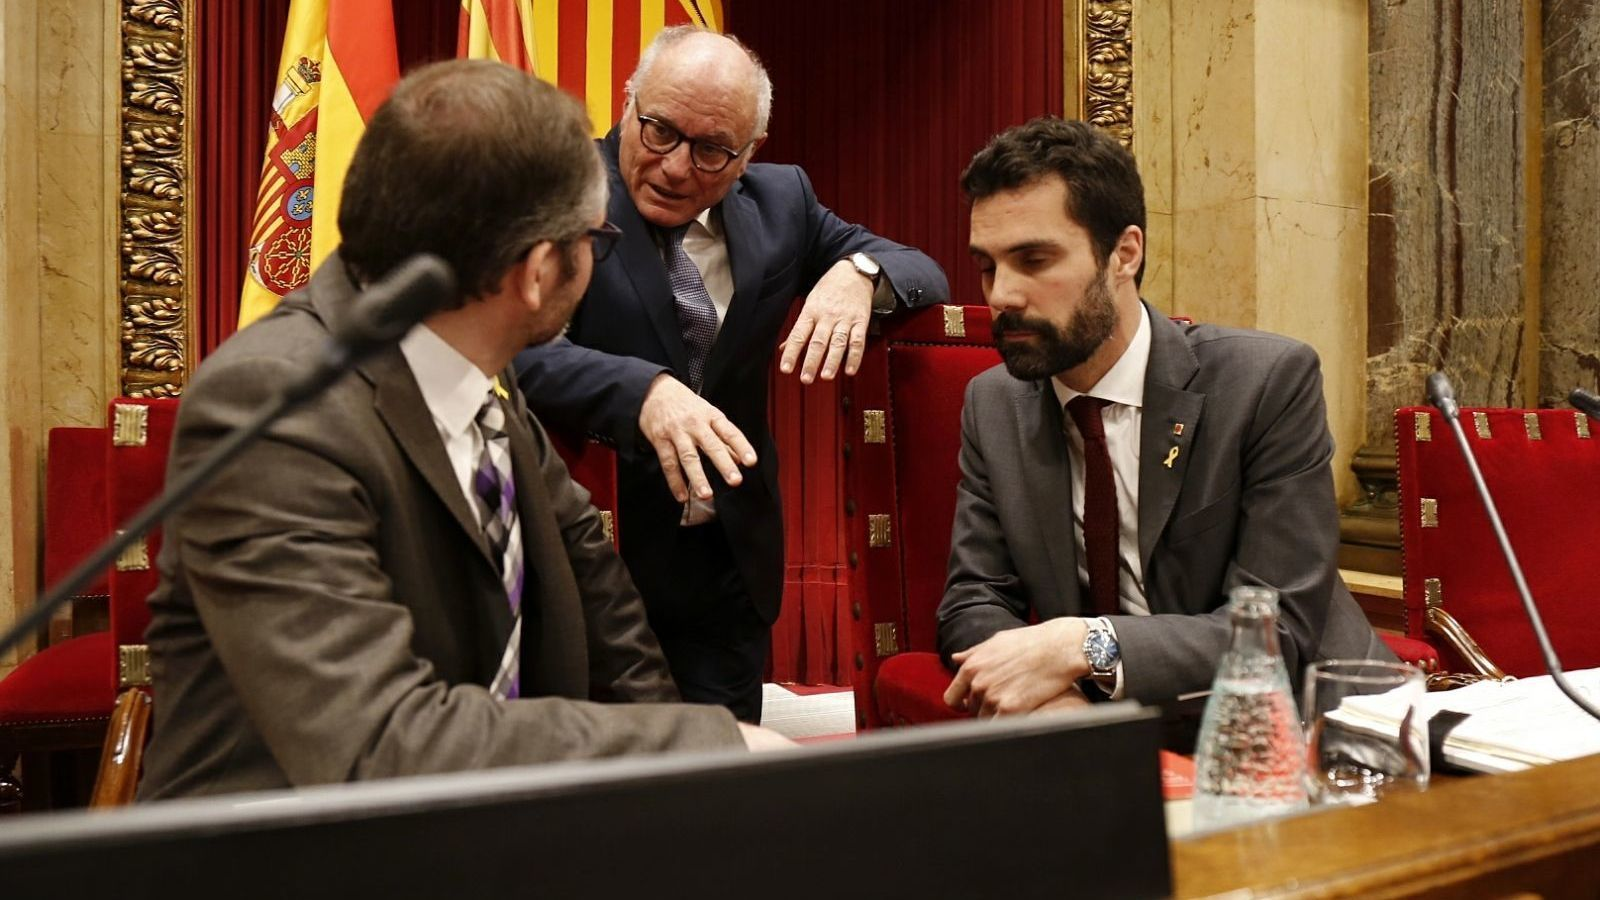 Torra avisa ERC que deixar-lo sense escó posa en perill el Govern i la legislatura